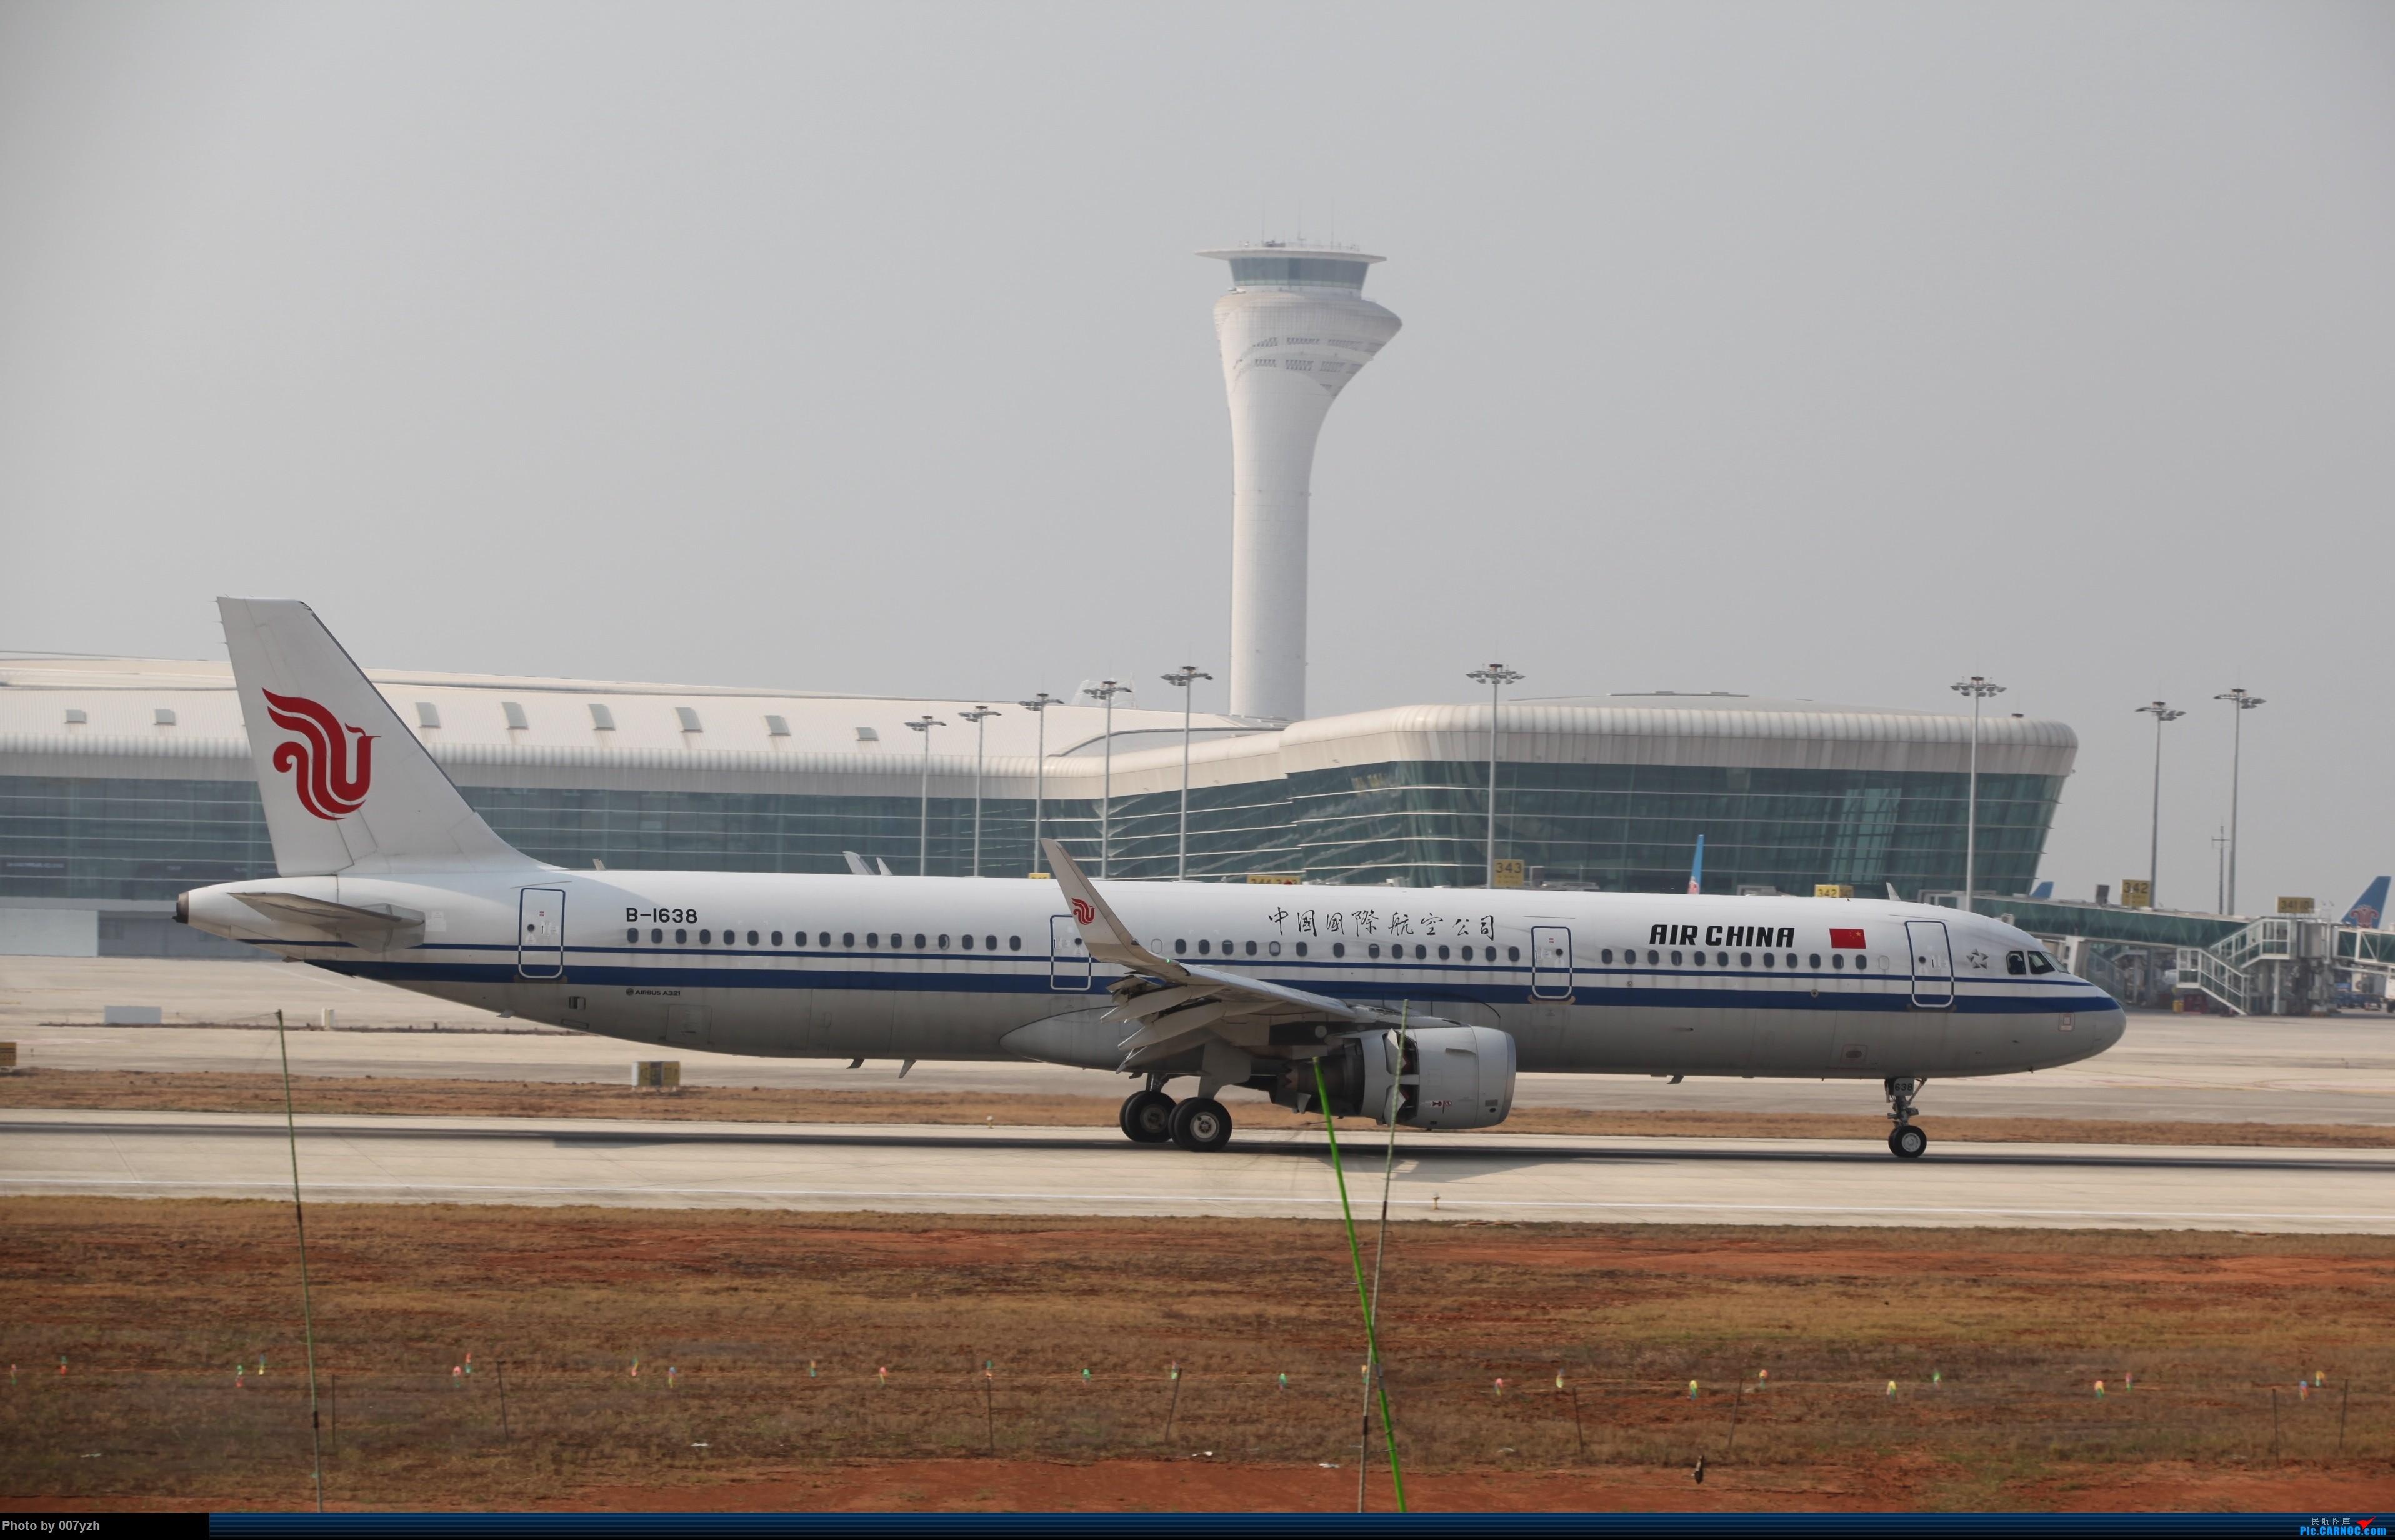 Re:[原创]WUH小拍,终于找到了在WUH拍机的组织 AIRBUS A321-200 B-1638 中国武汉天河国际机场